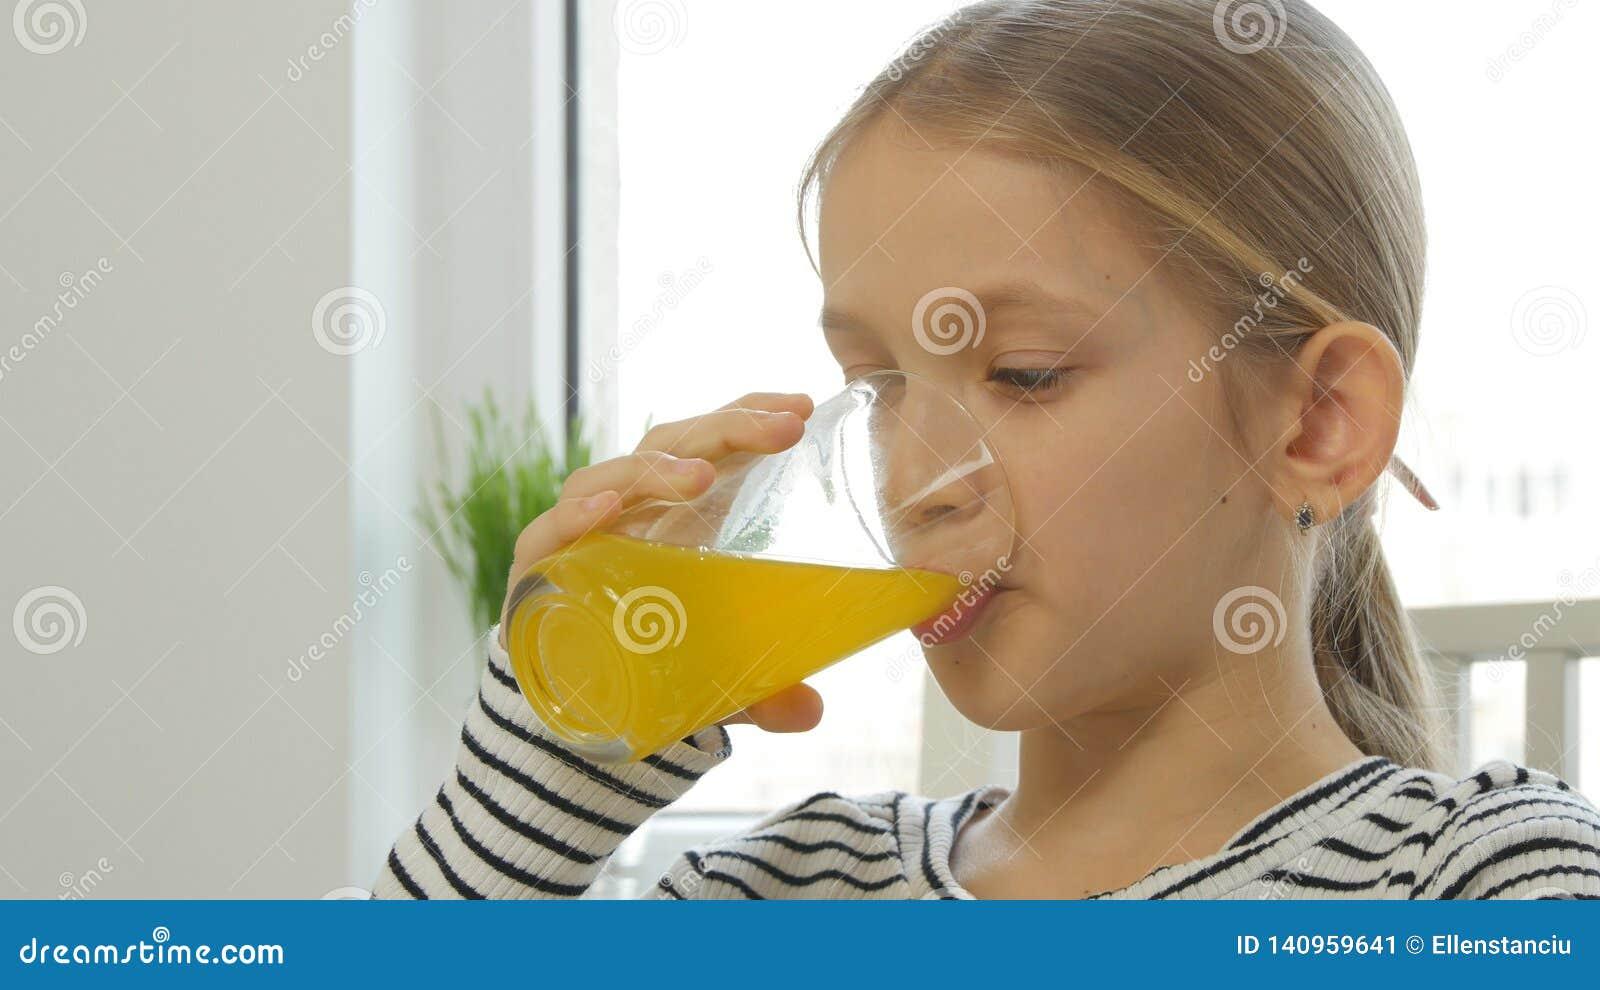 Suco de laranja bebendo da criança, criança no café da manhã na cozinha, limão da menina fresco